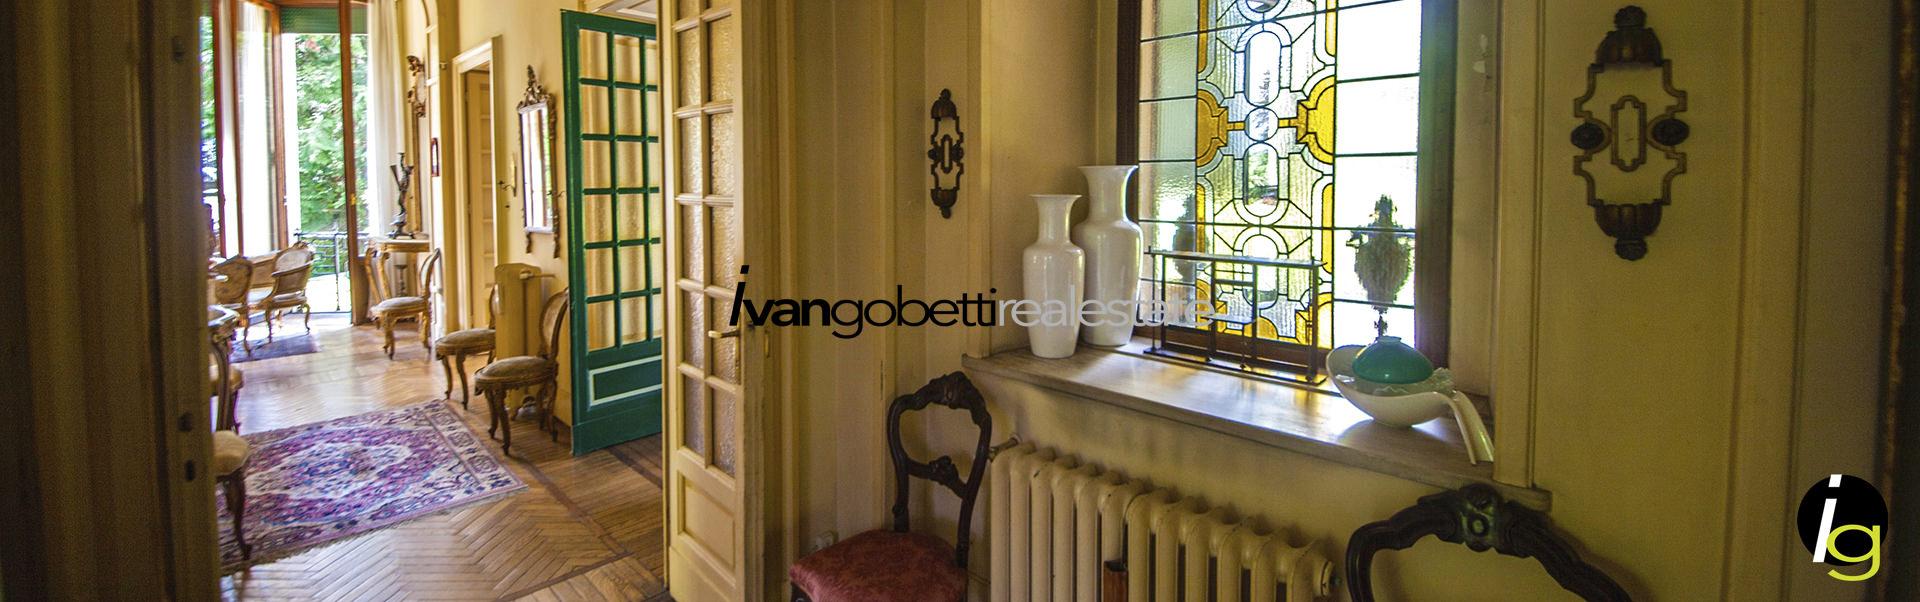 Villa d'epoca di lusso in vendita Lago Maggiore Stresa